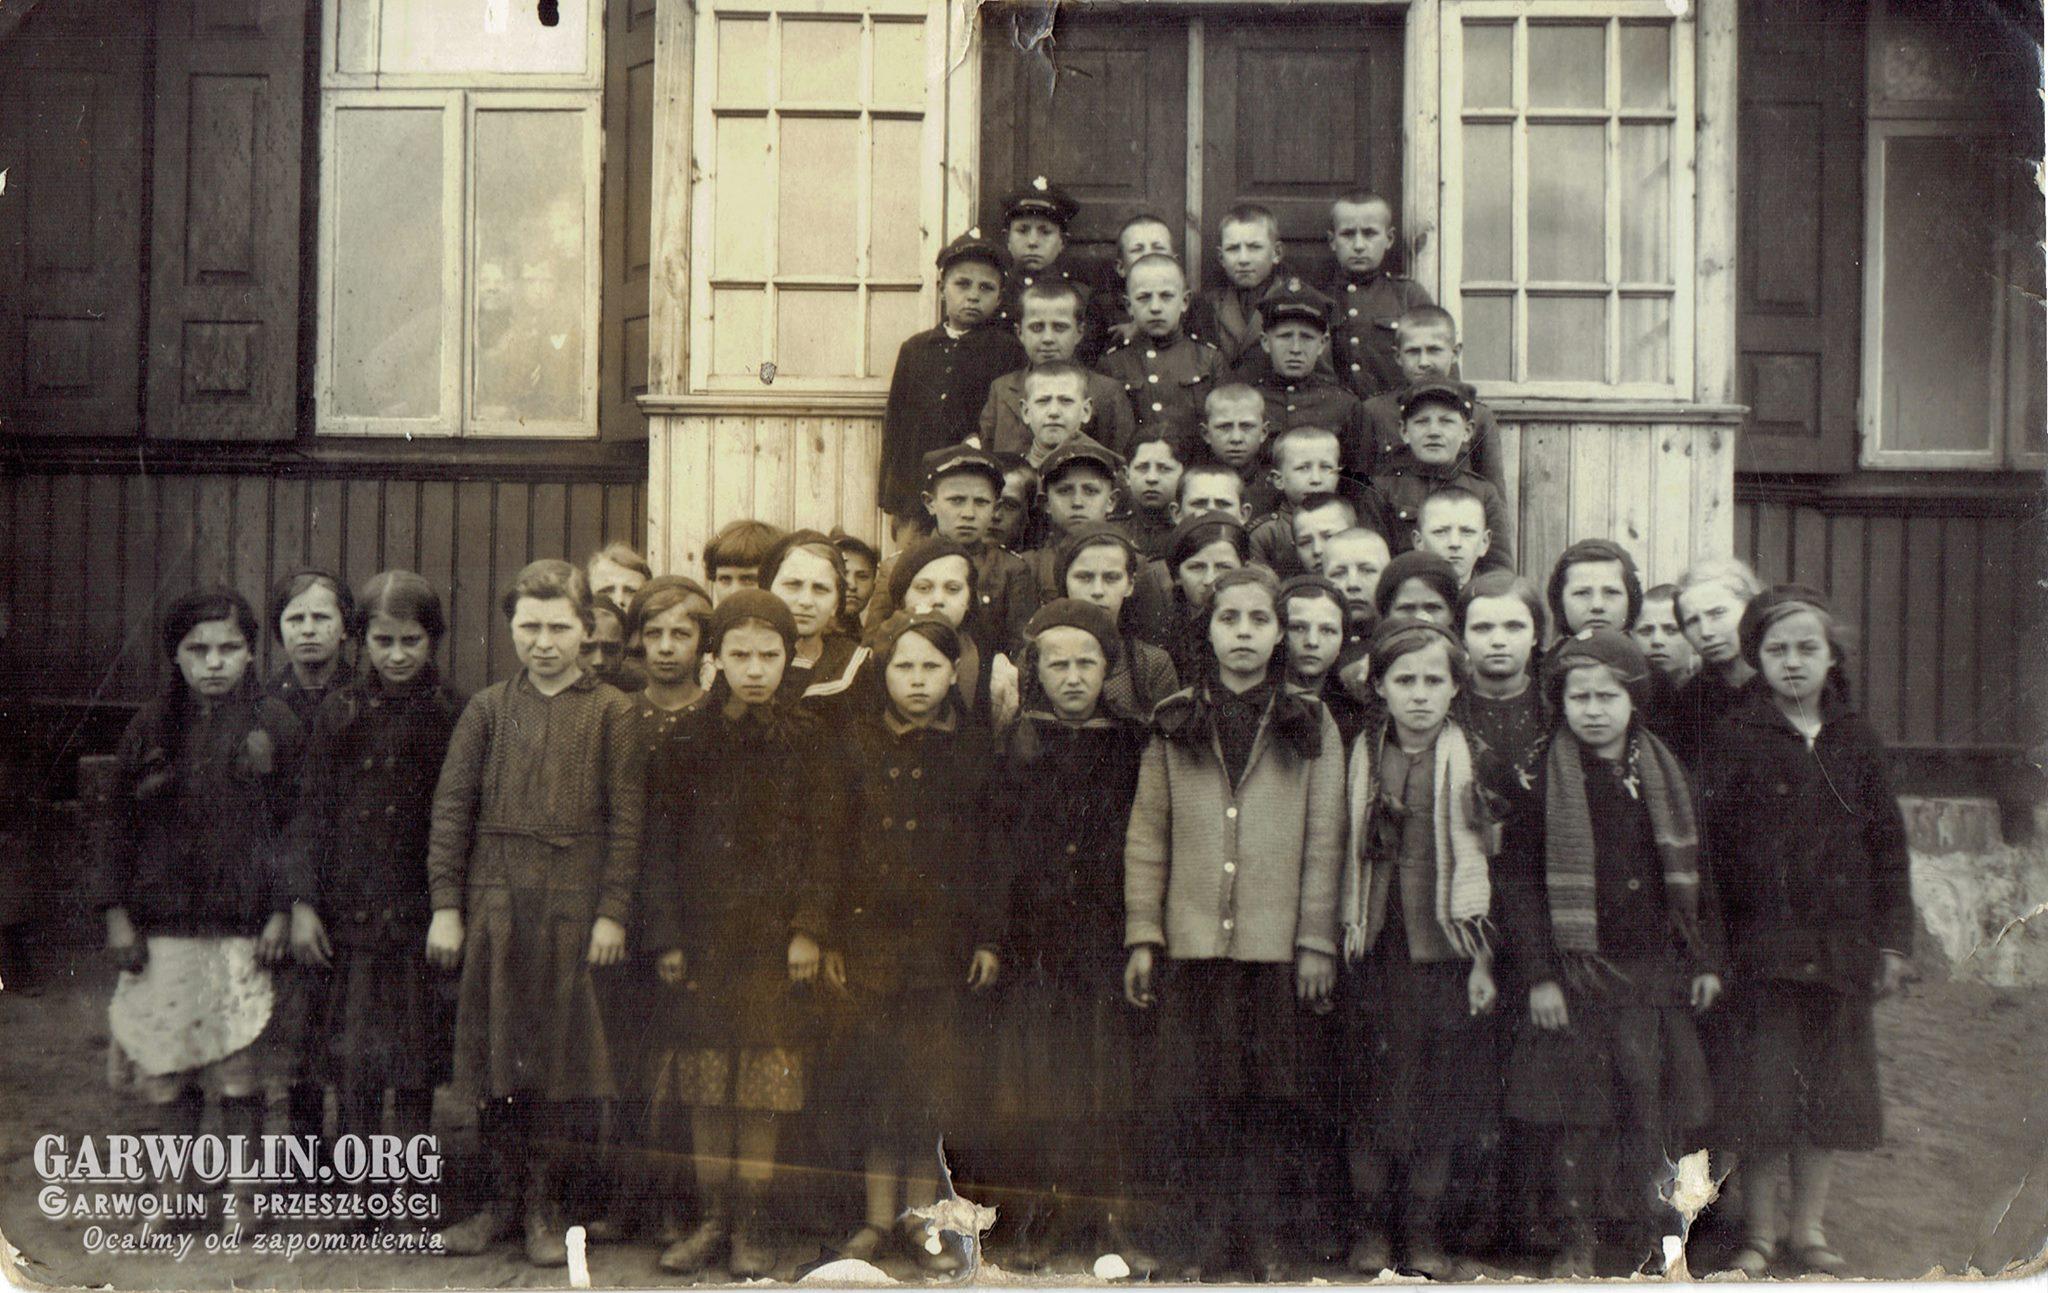 Stara szkoła w Górznie ok. 1935 r.